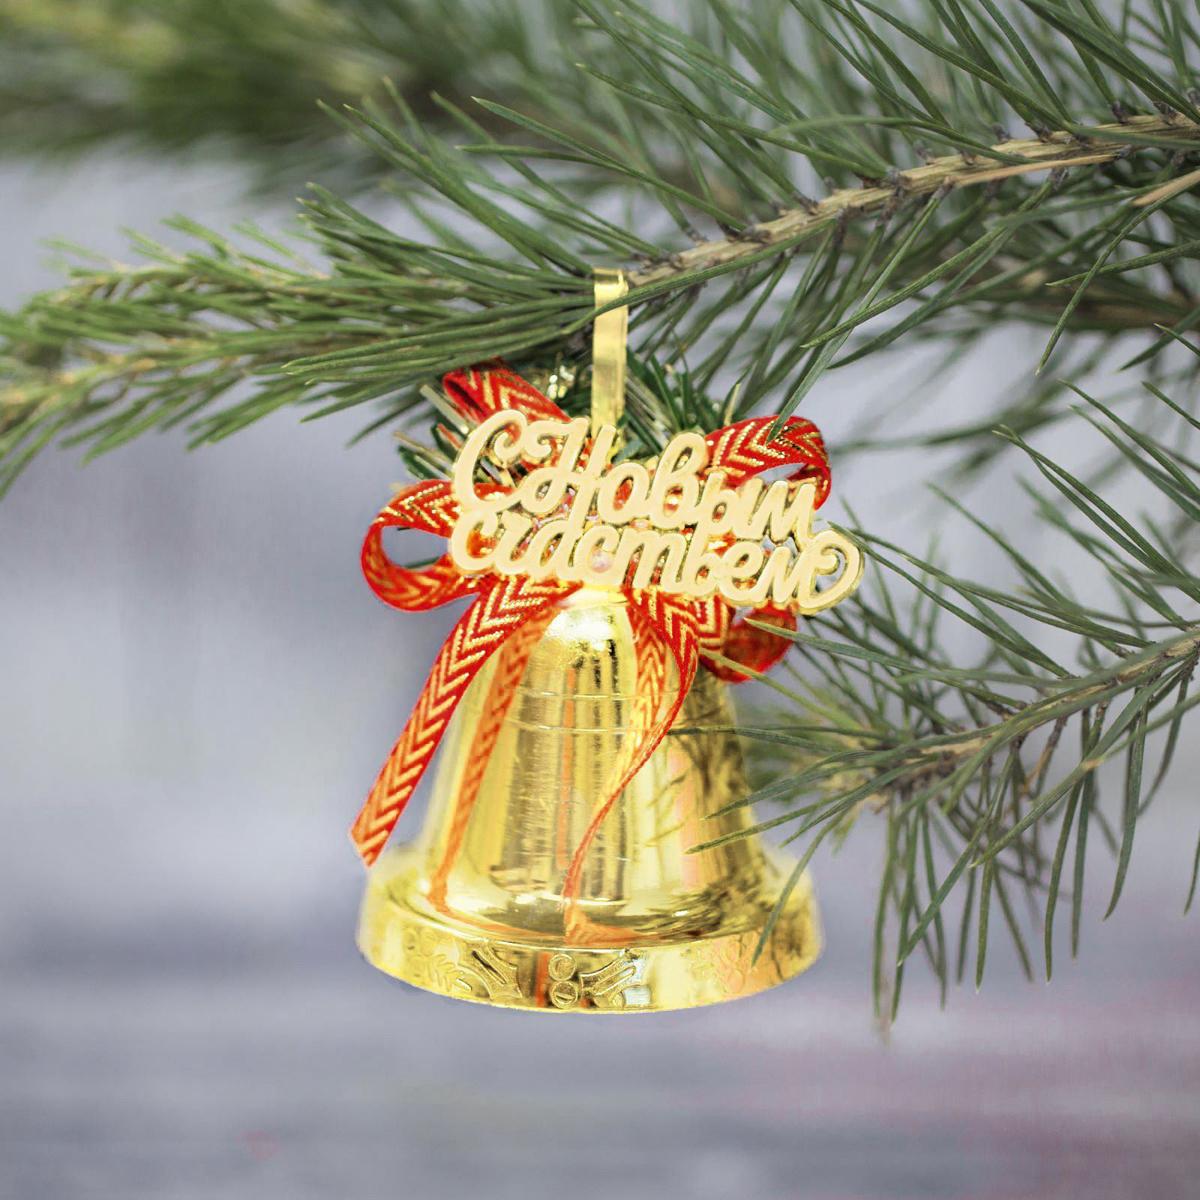 Украшение новогоднее подвесное Sima-land Колокольчик. С Новым счастьем, 5,5 х 6 см2306745Невозможно представить нашу жизнь без праздников! Мы всегда ждём их и предвкушаем, обдумываем, как проведём памятный день, тщательно выбираем подарки и аксессуары, ведь именно они создают и поддерживают торжественный настрой.